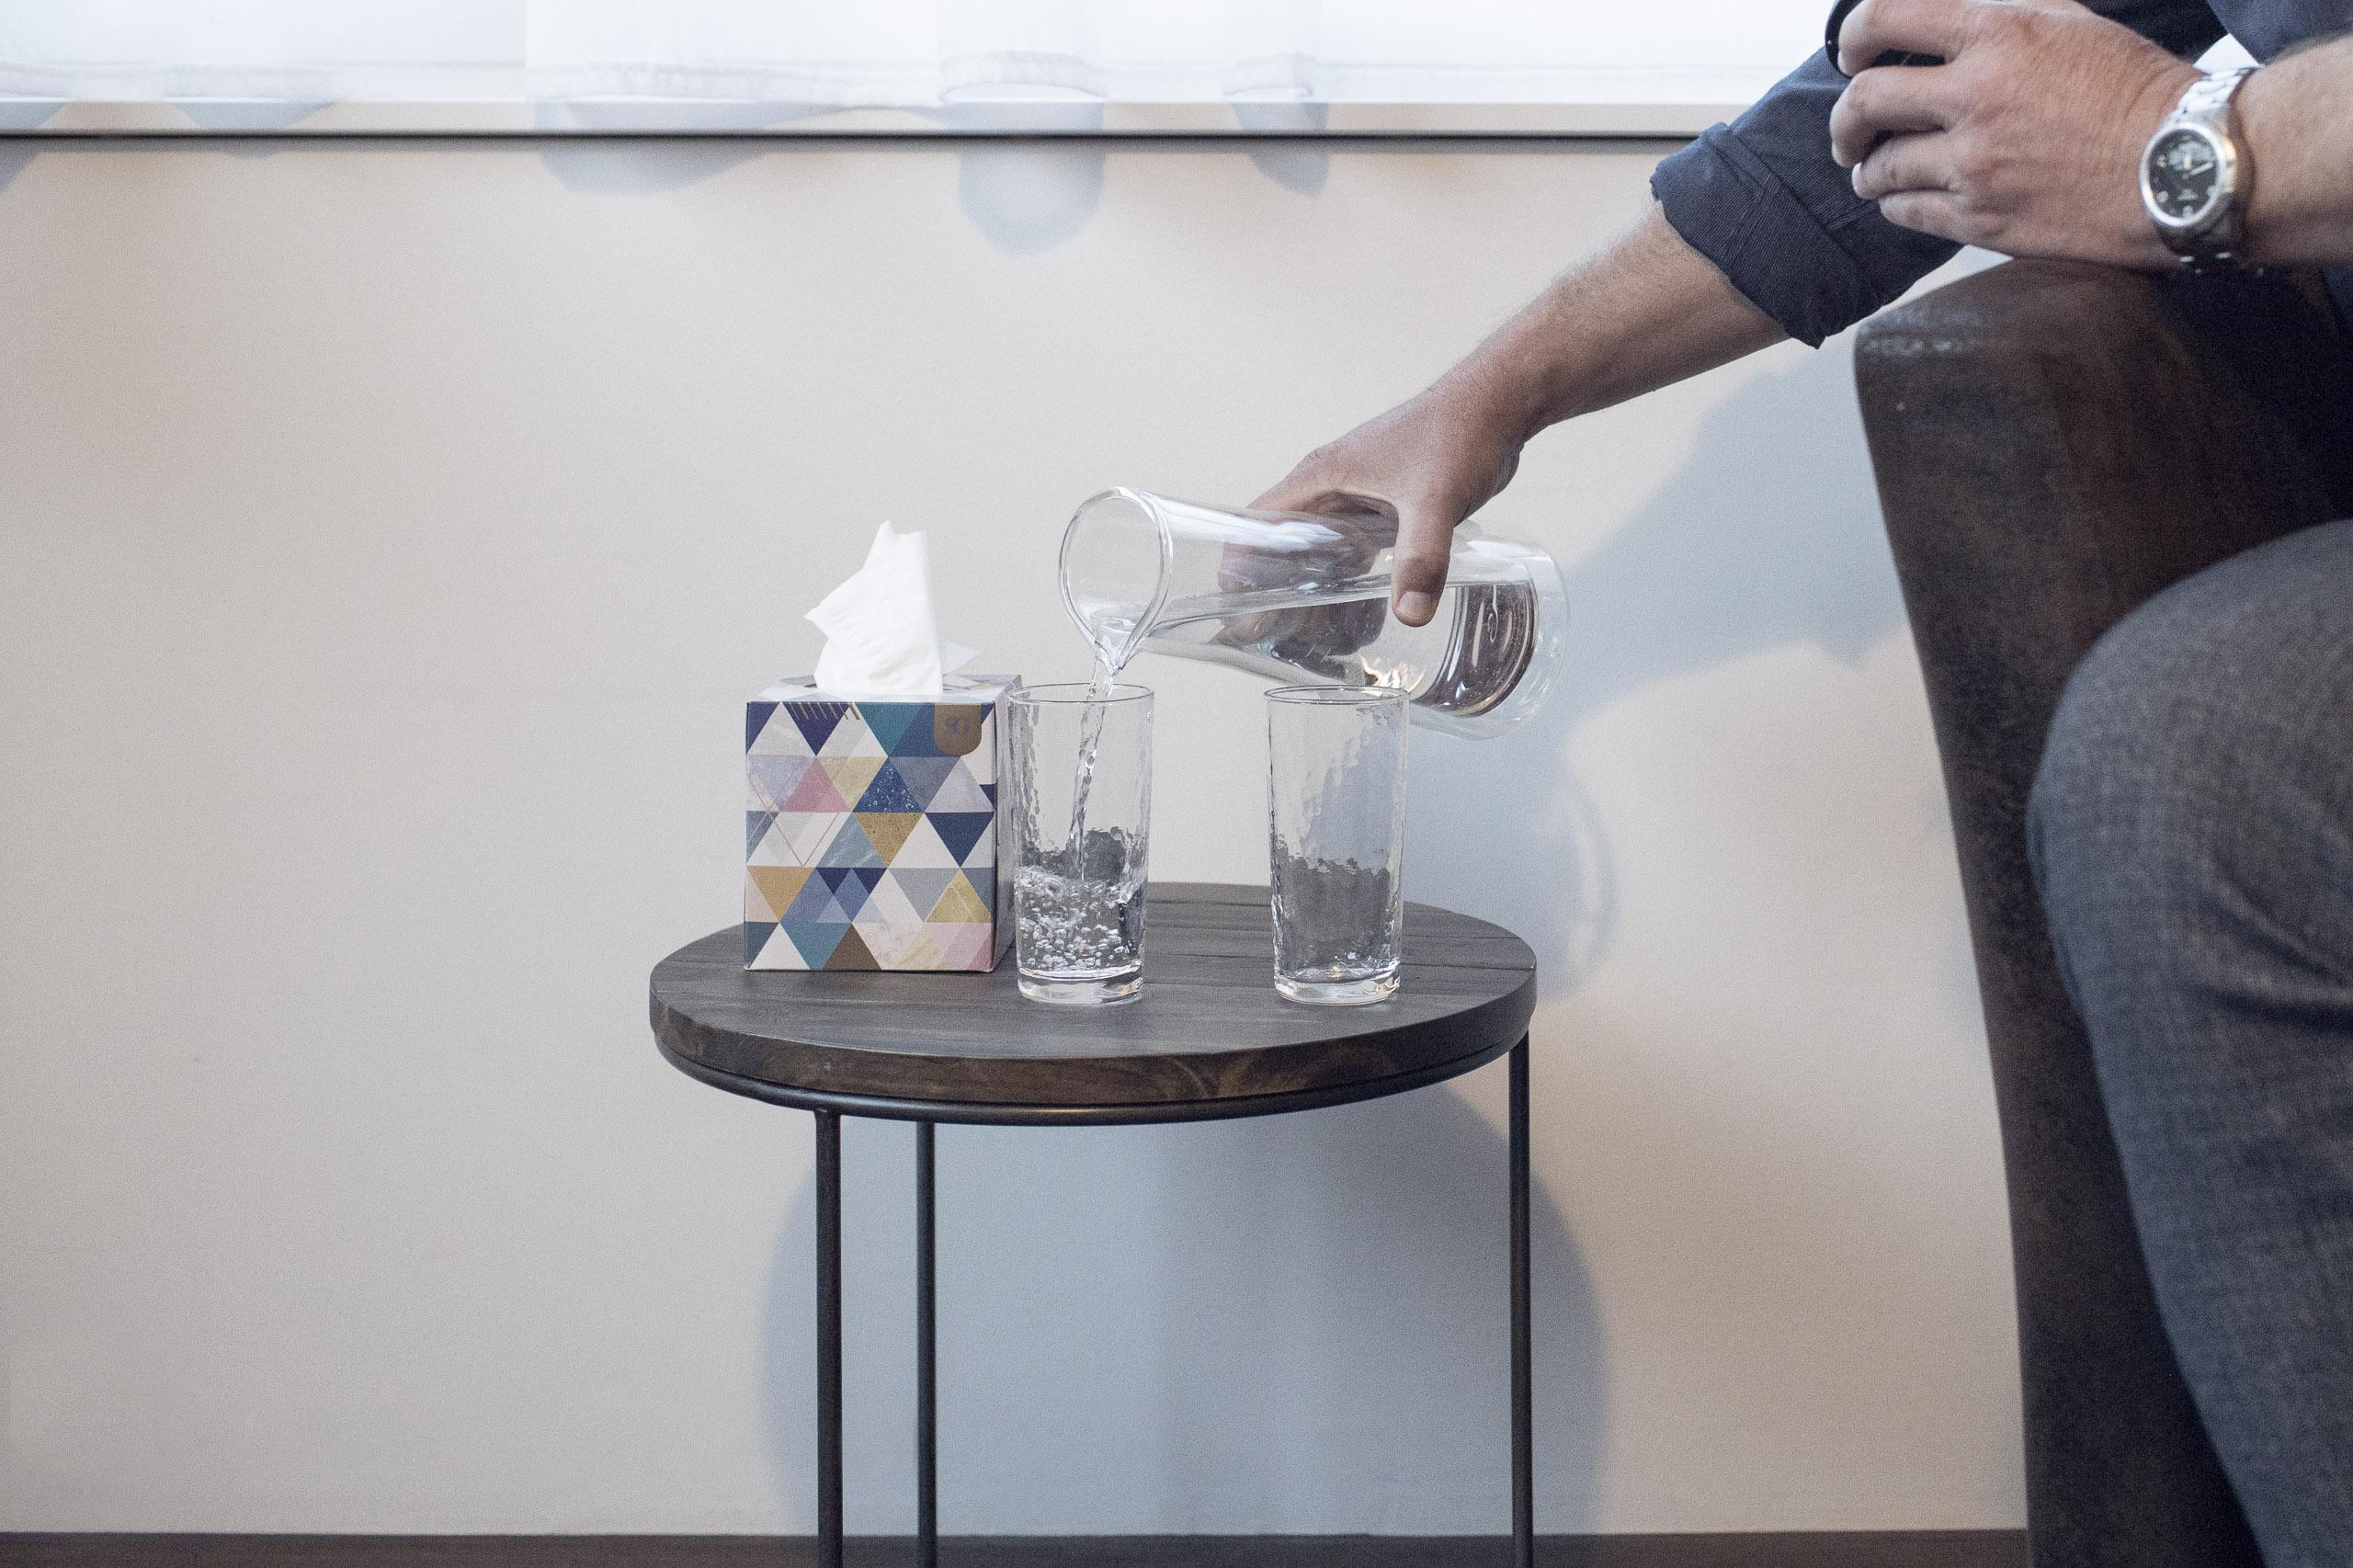 Trinkgläser werden aus einem Krug mit Wasser gefüllt